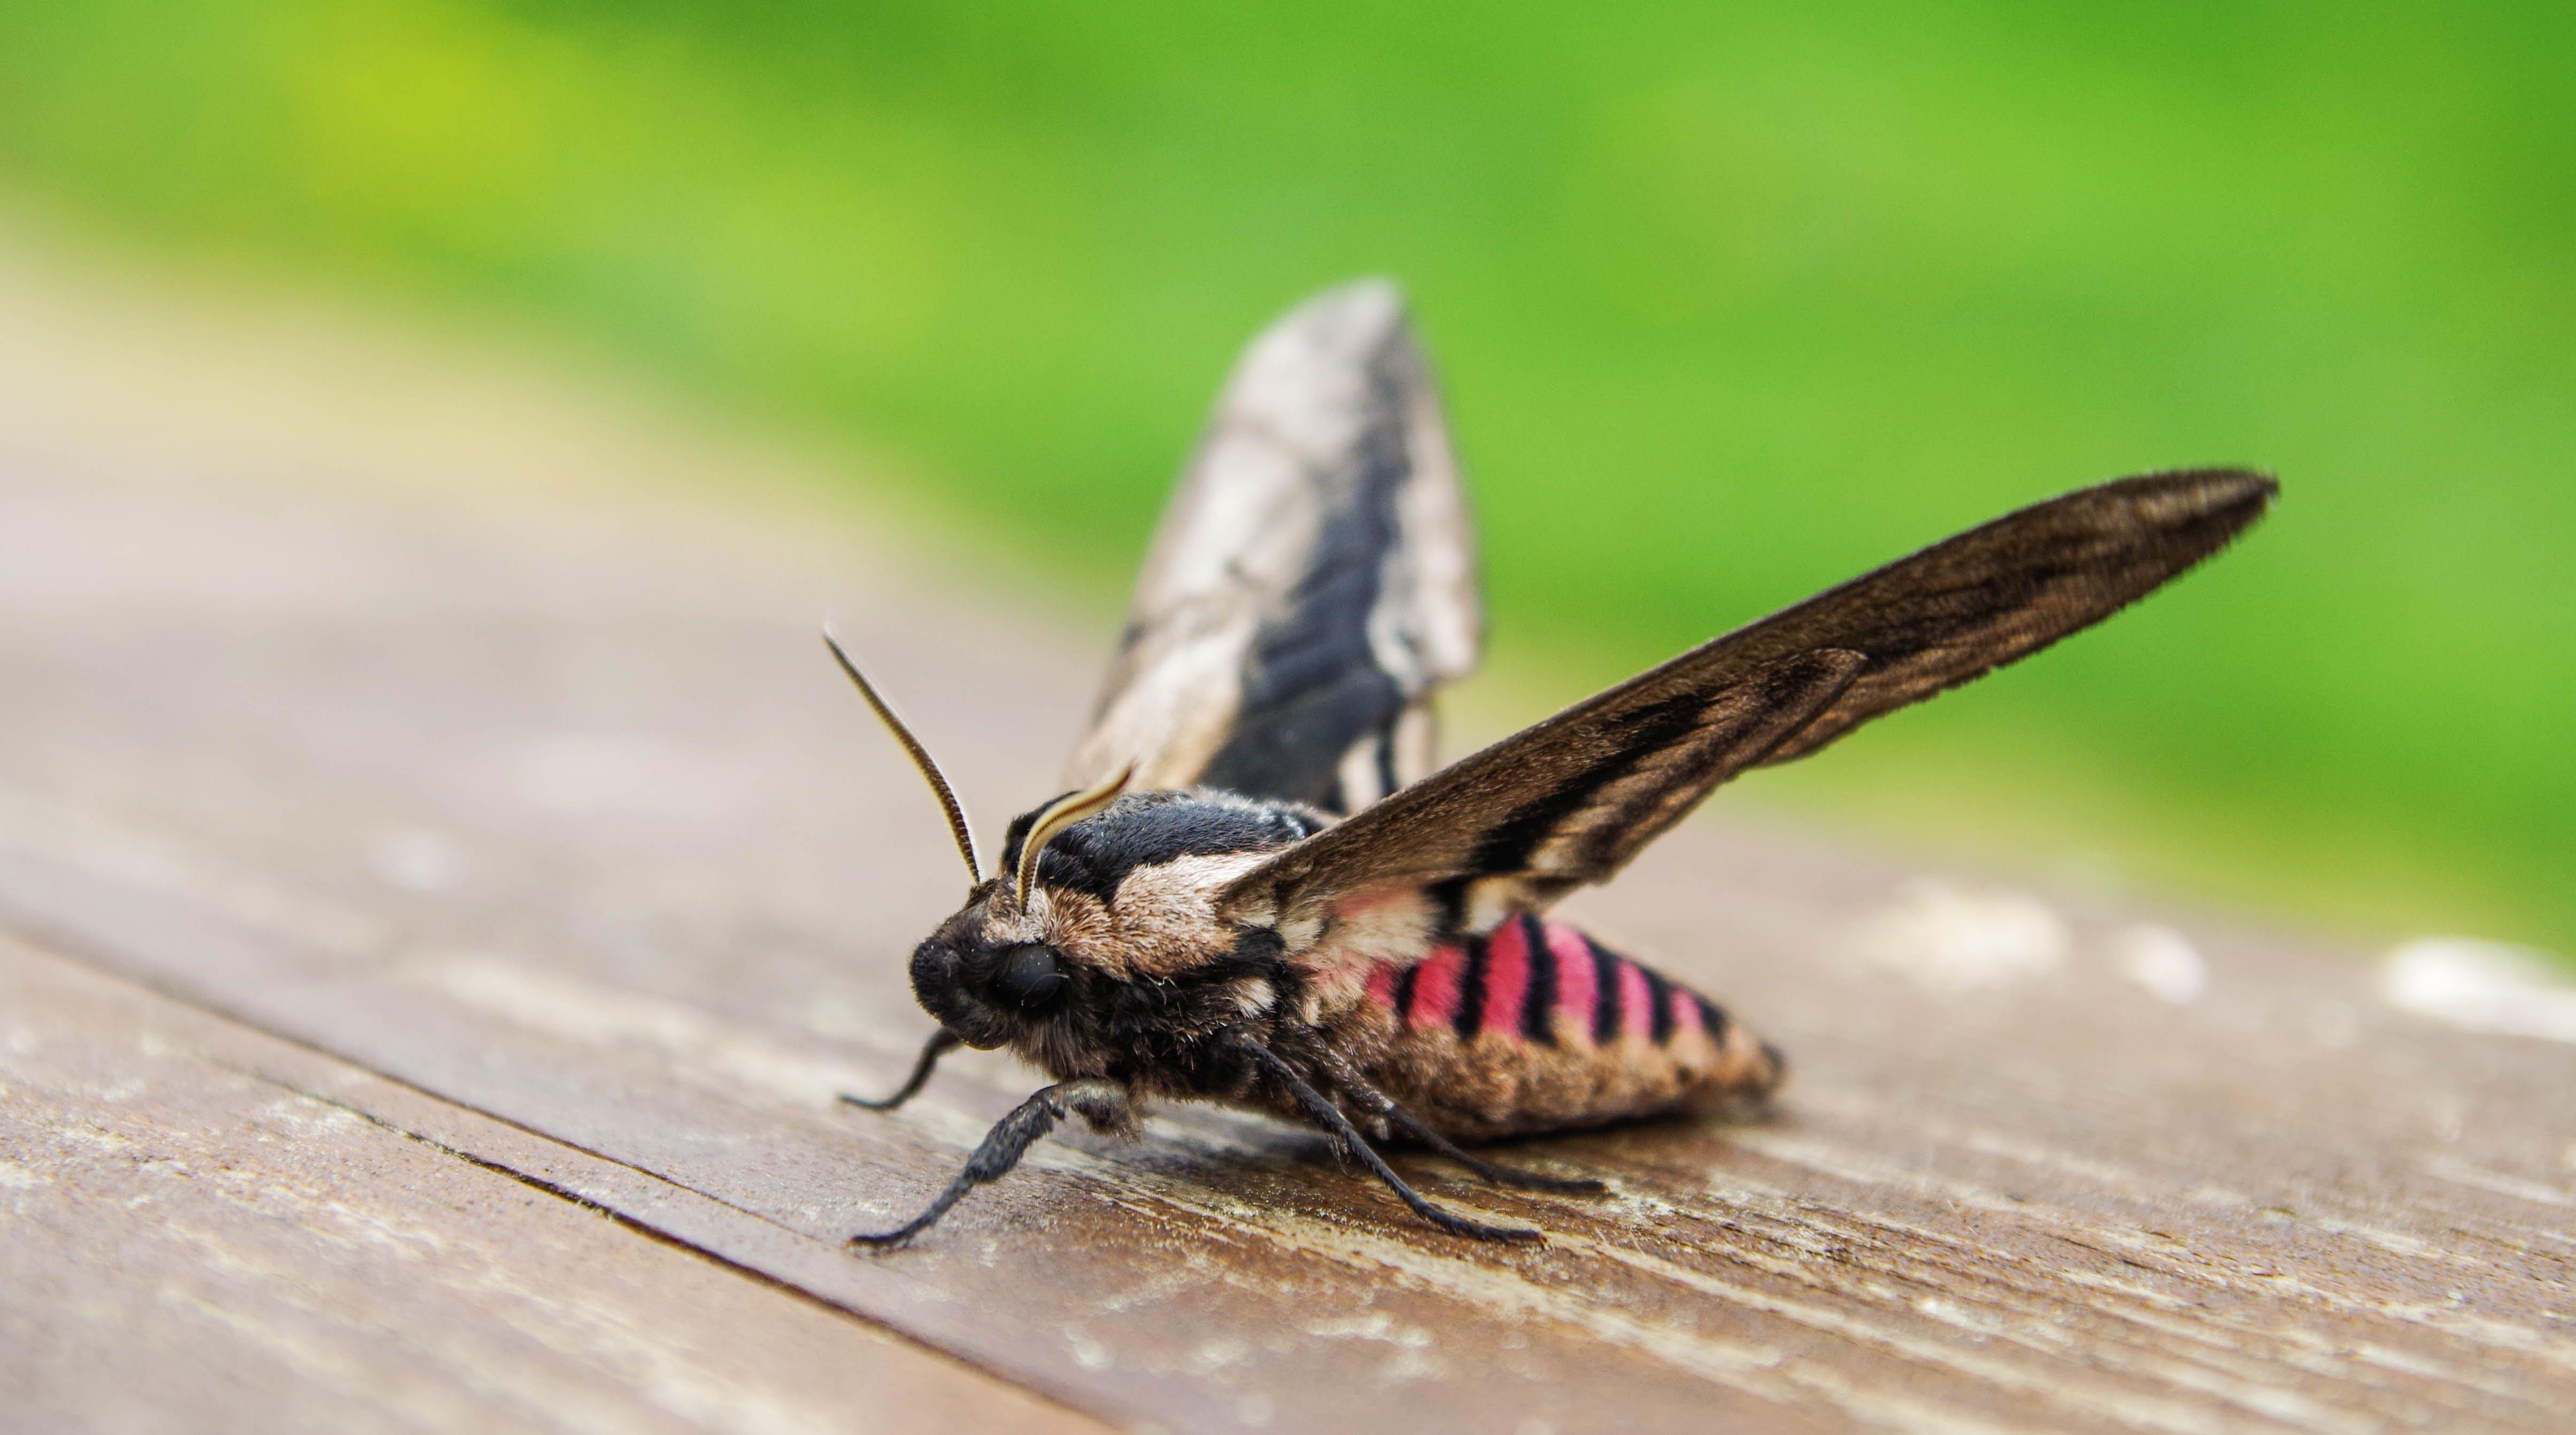 Gratis lagerfoto af close-up, dyr, dyreliv, entomologi